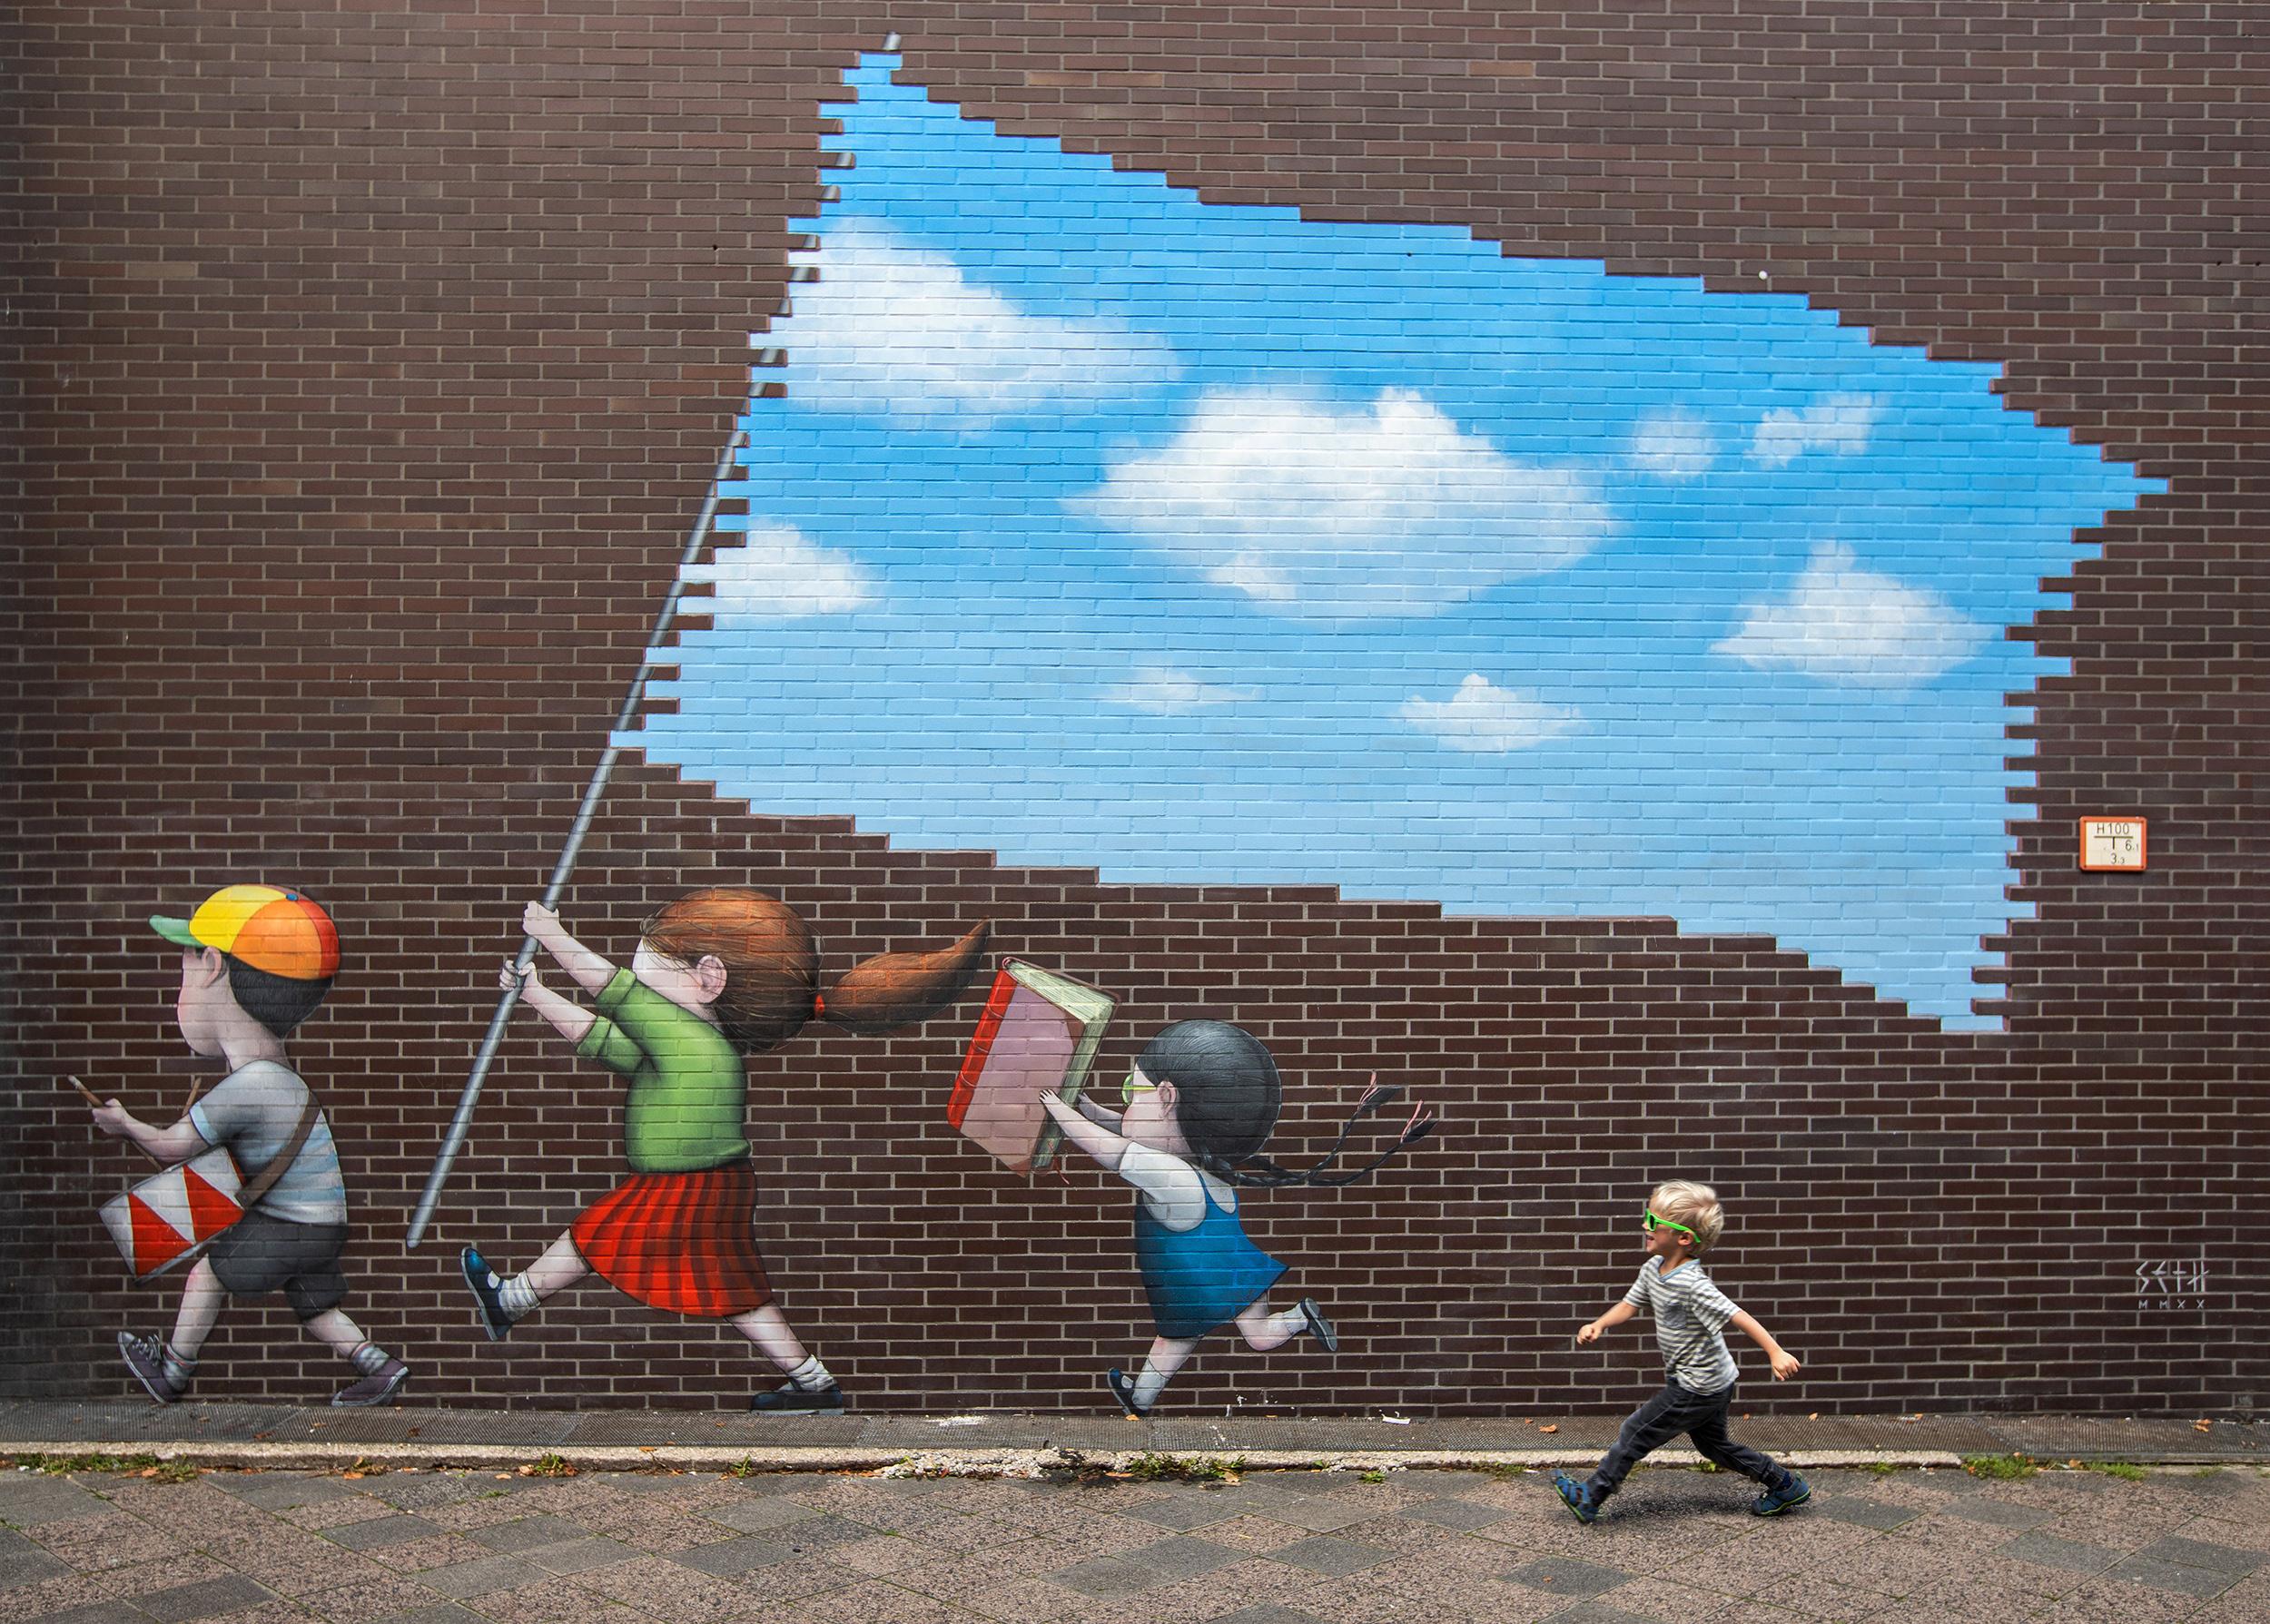 Das fertige Mural von Seth für STADT.WAND.KUNST